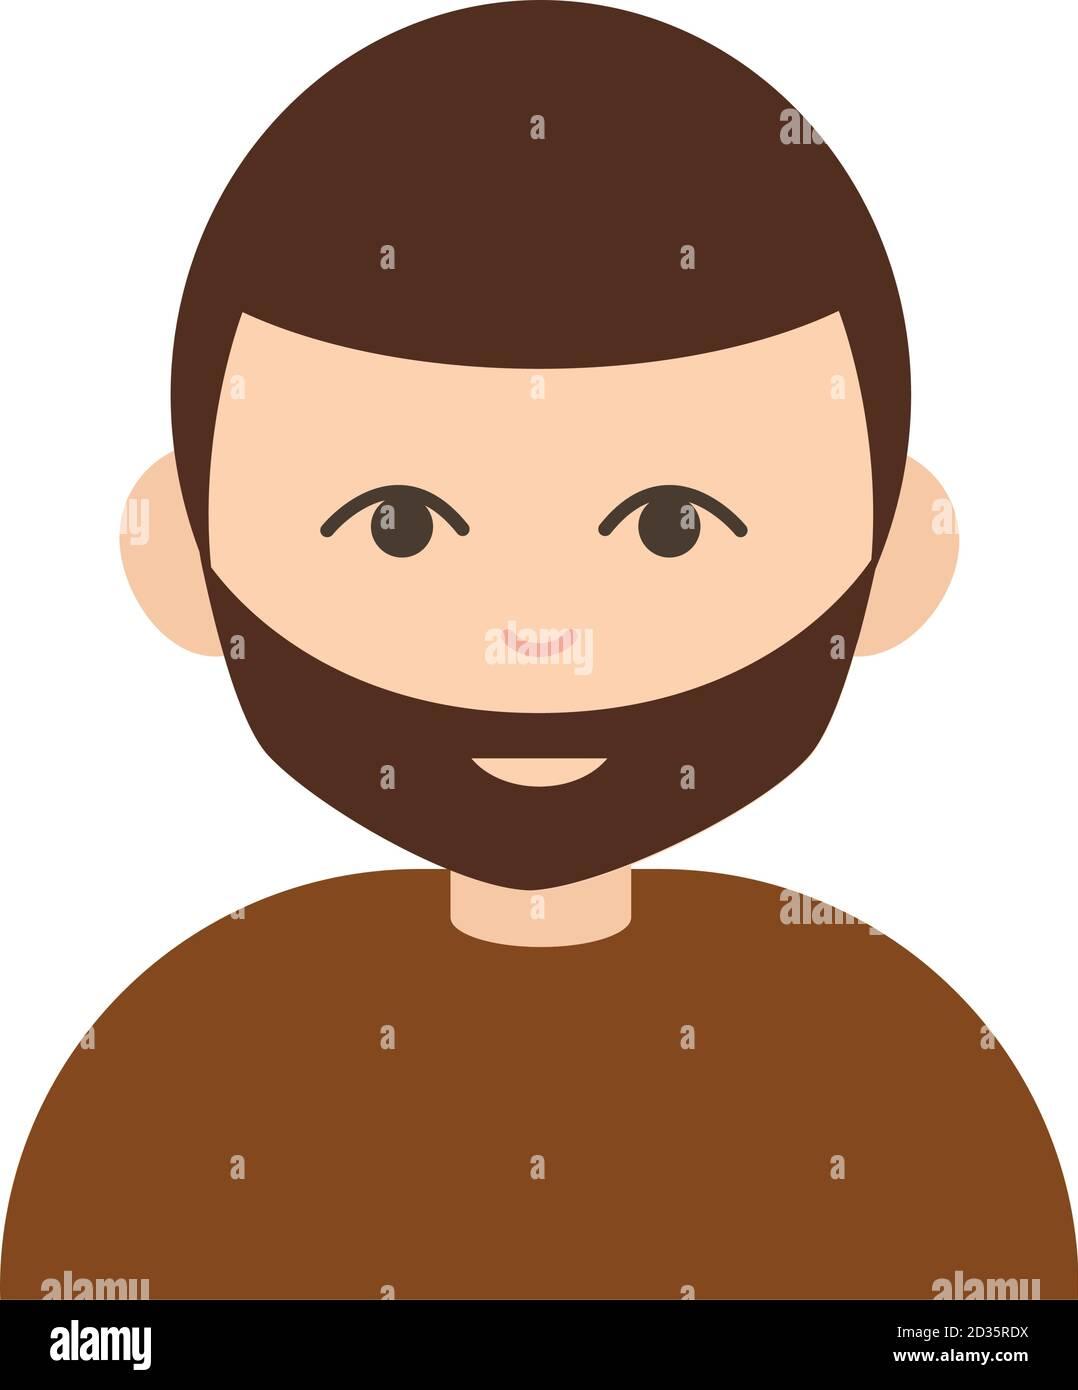 jeune barbu mec portrait dessin animé plat icône illustration vectorielle Illustration de Vecteur